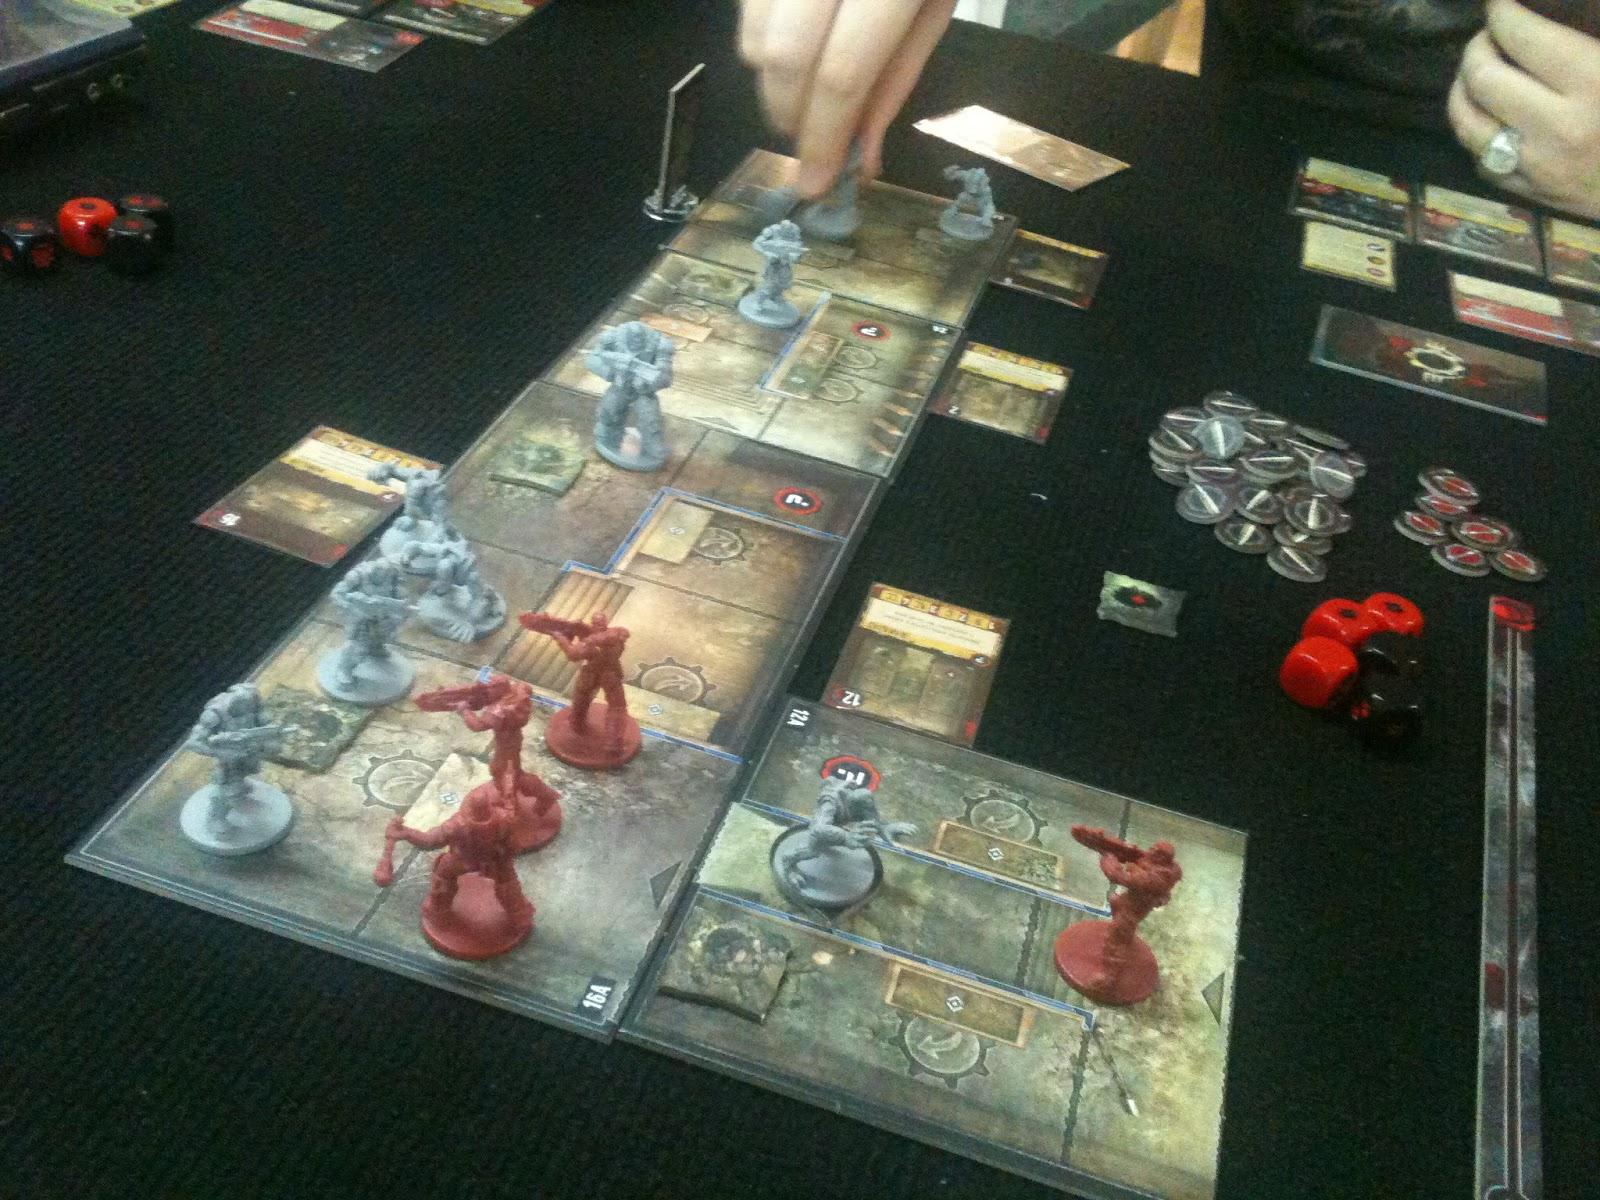 El blog de quique probado gears of war el juego de for Gears of war juego de mesa